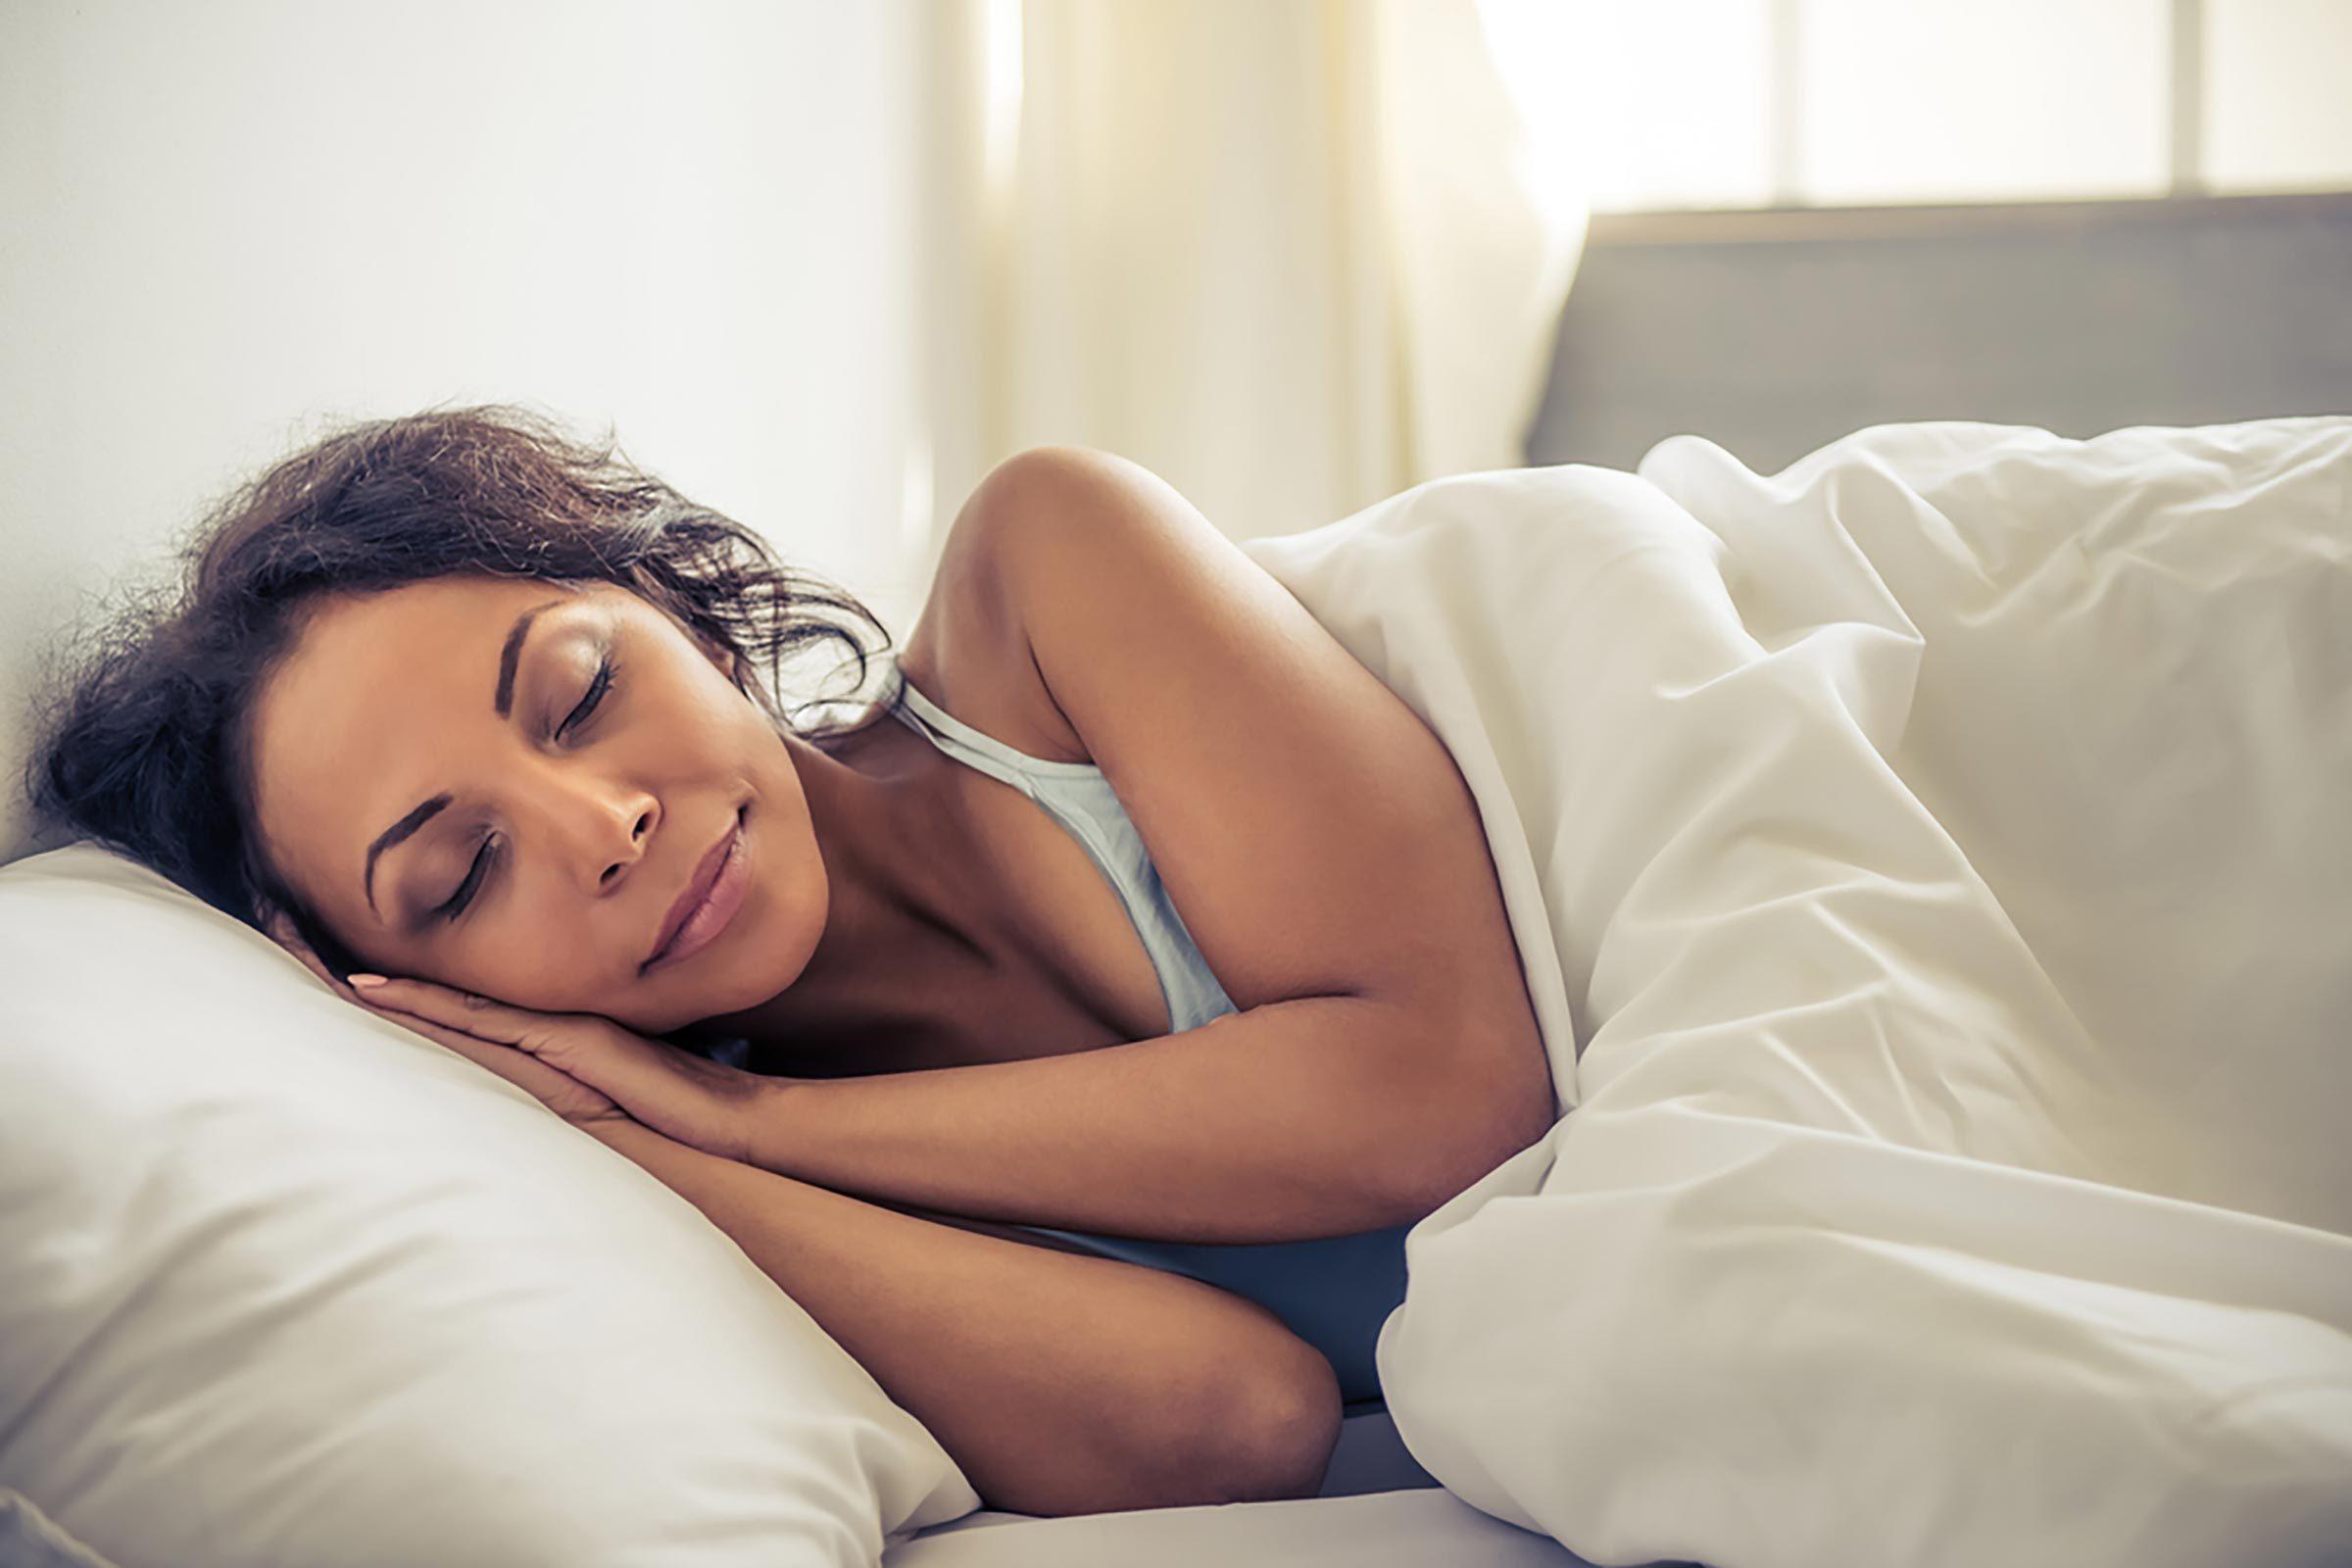 13 sự thật kỳ lạ này về những giấc mơ có thể khiến bạn tỉnh giấc vào ban đêm